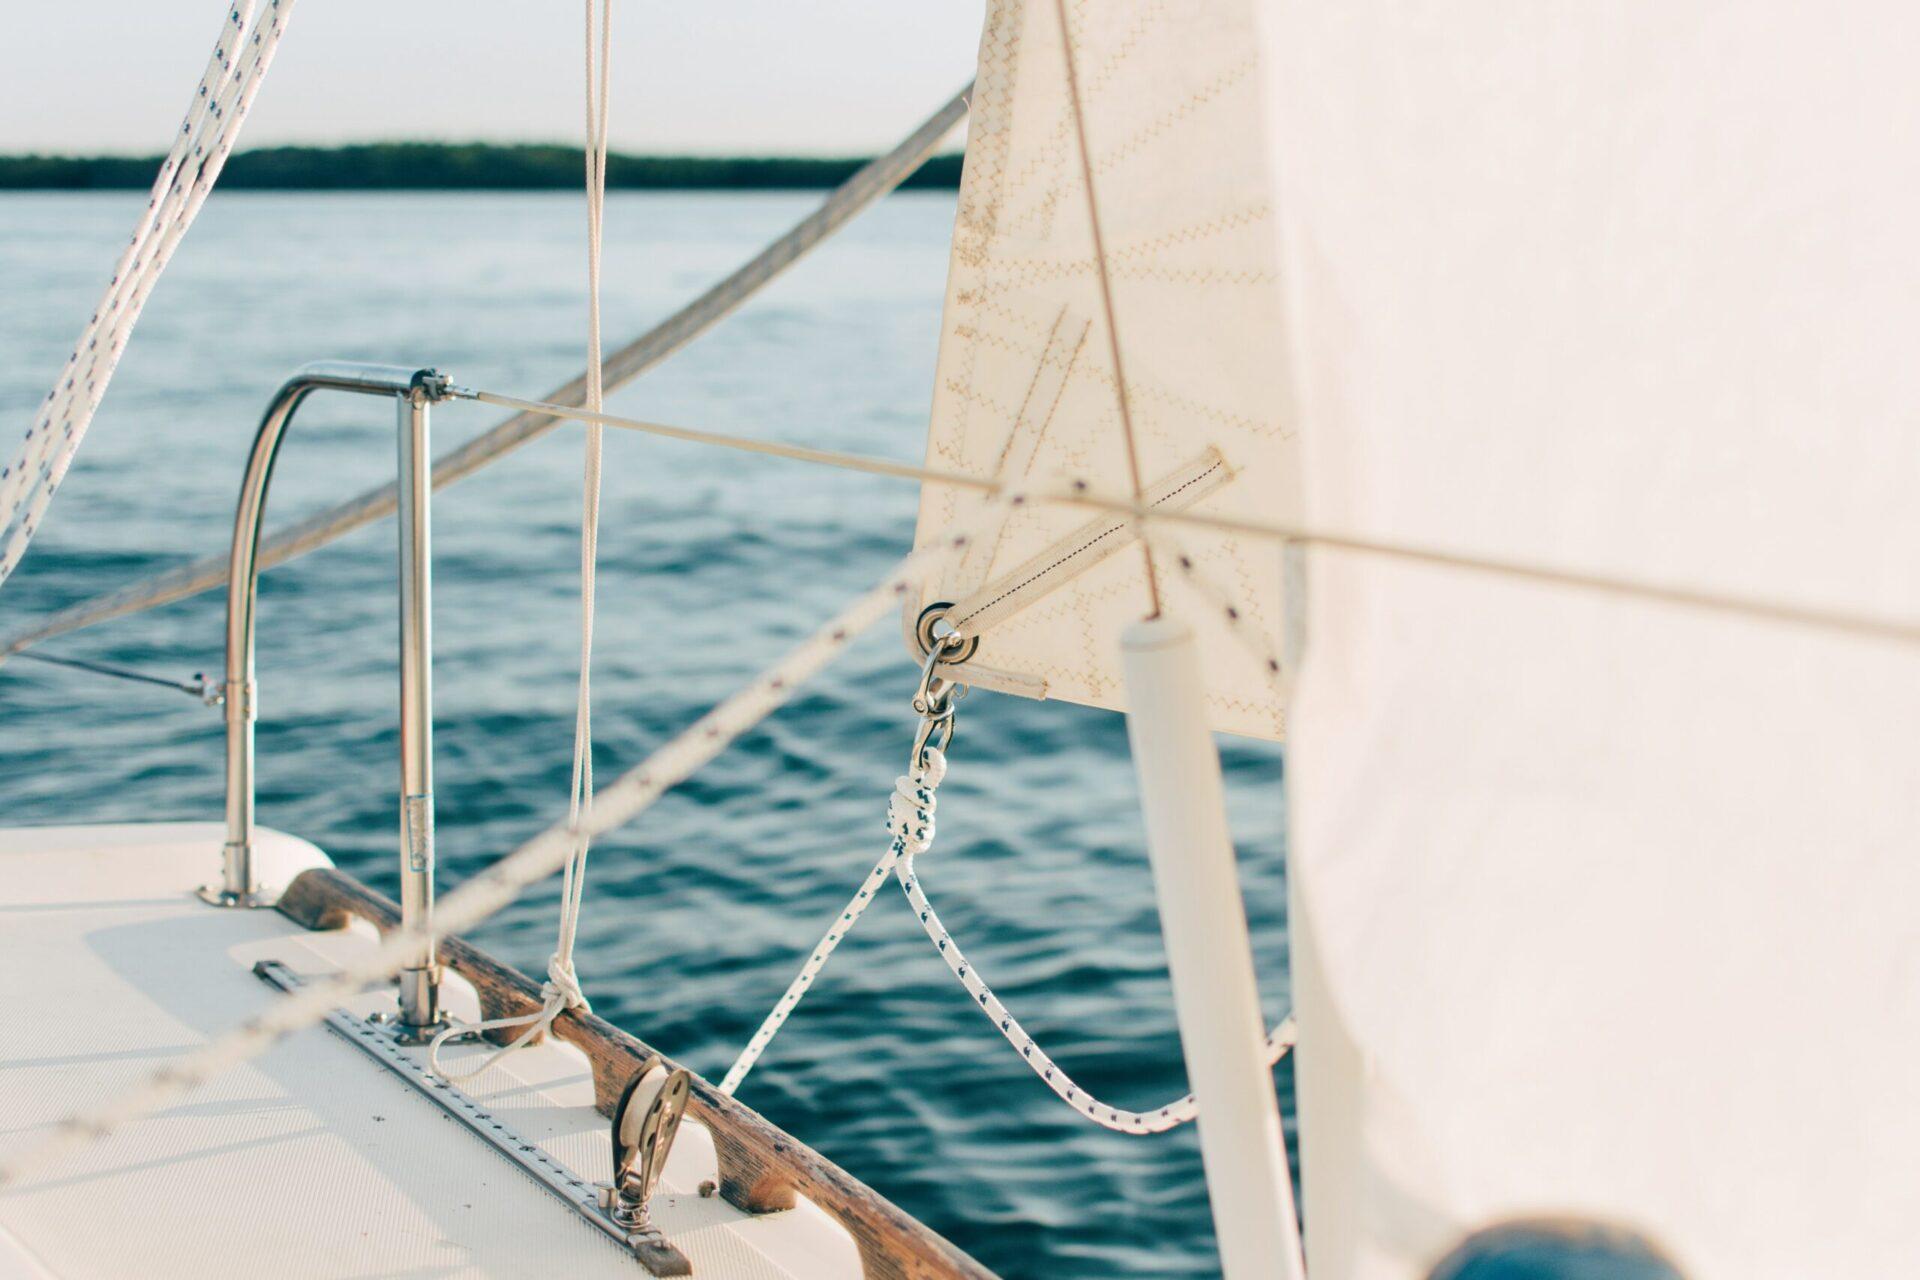 boat sail